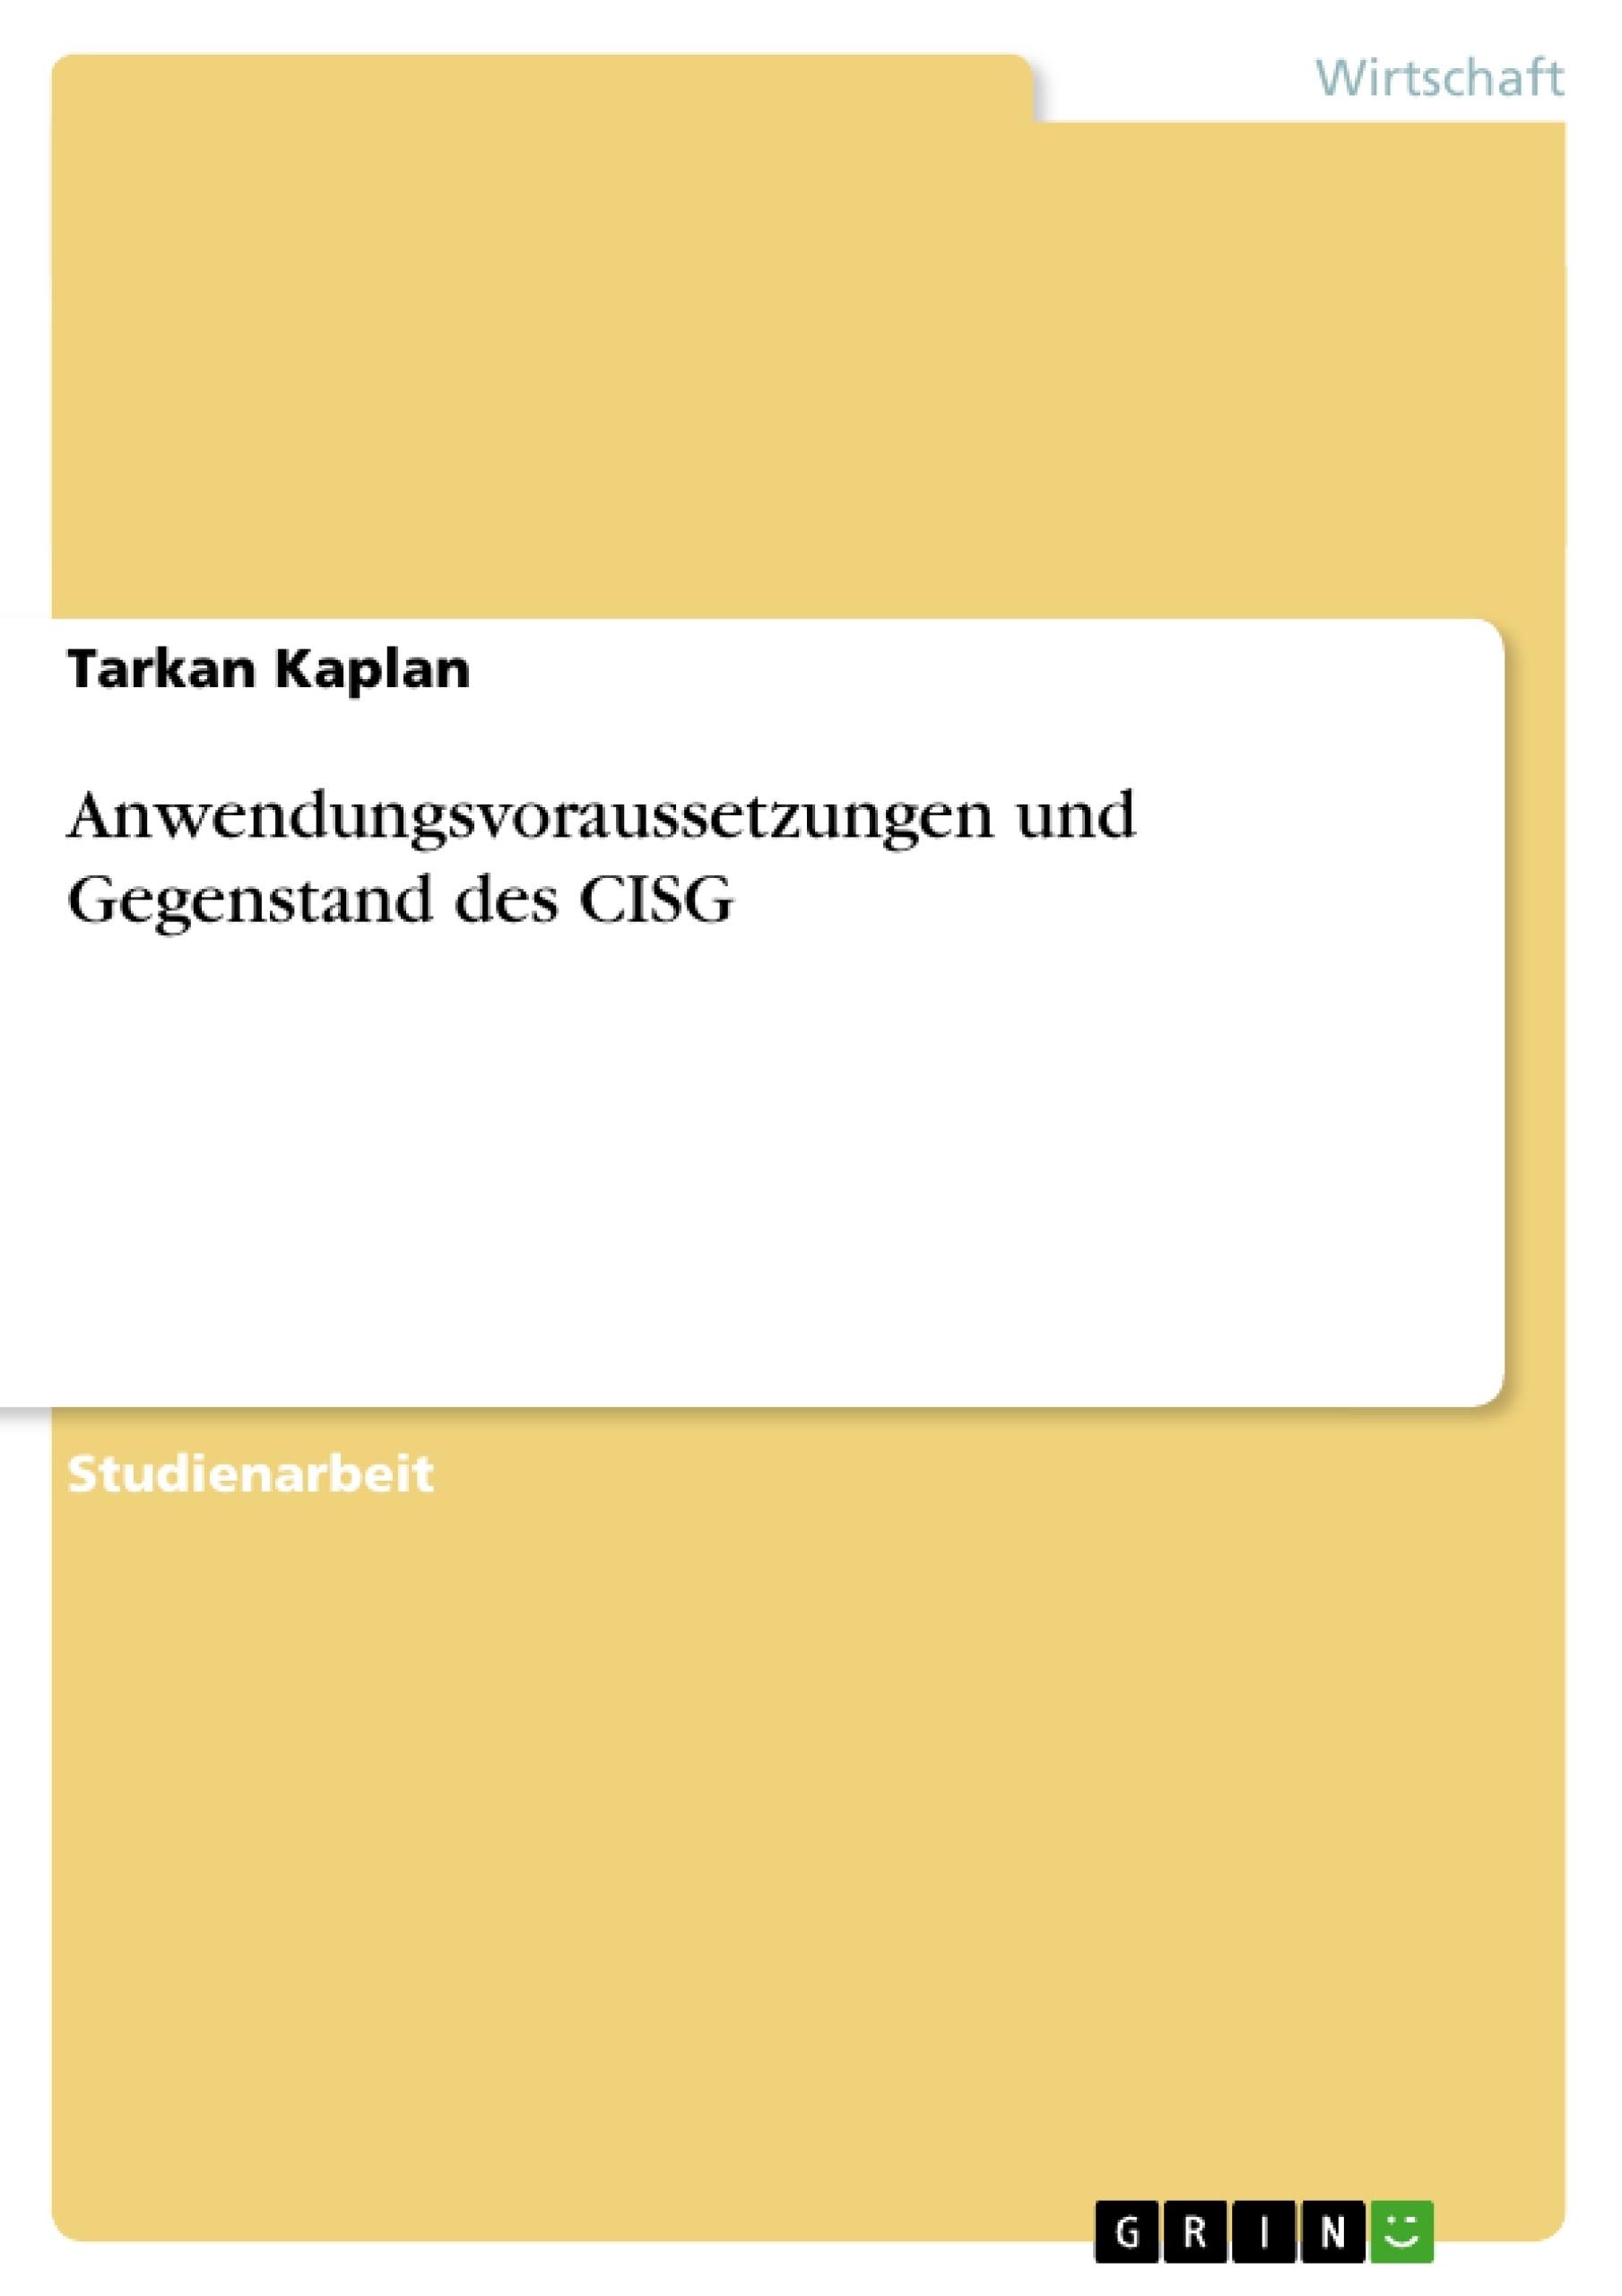 Titel: Anwendungsvoraussetzungen und Gegenstand des CISG